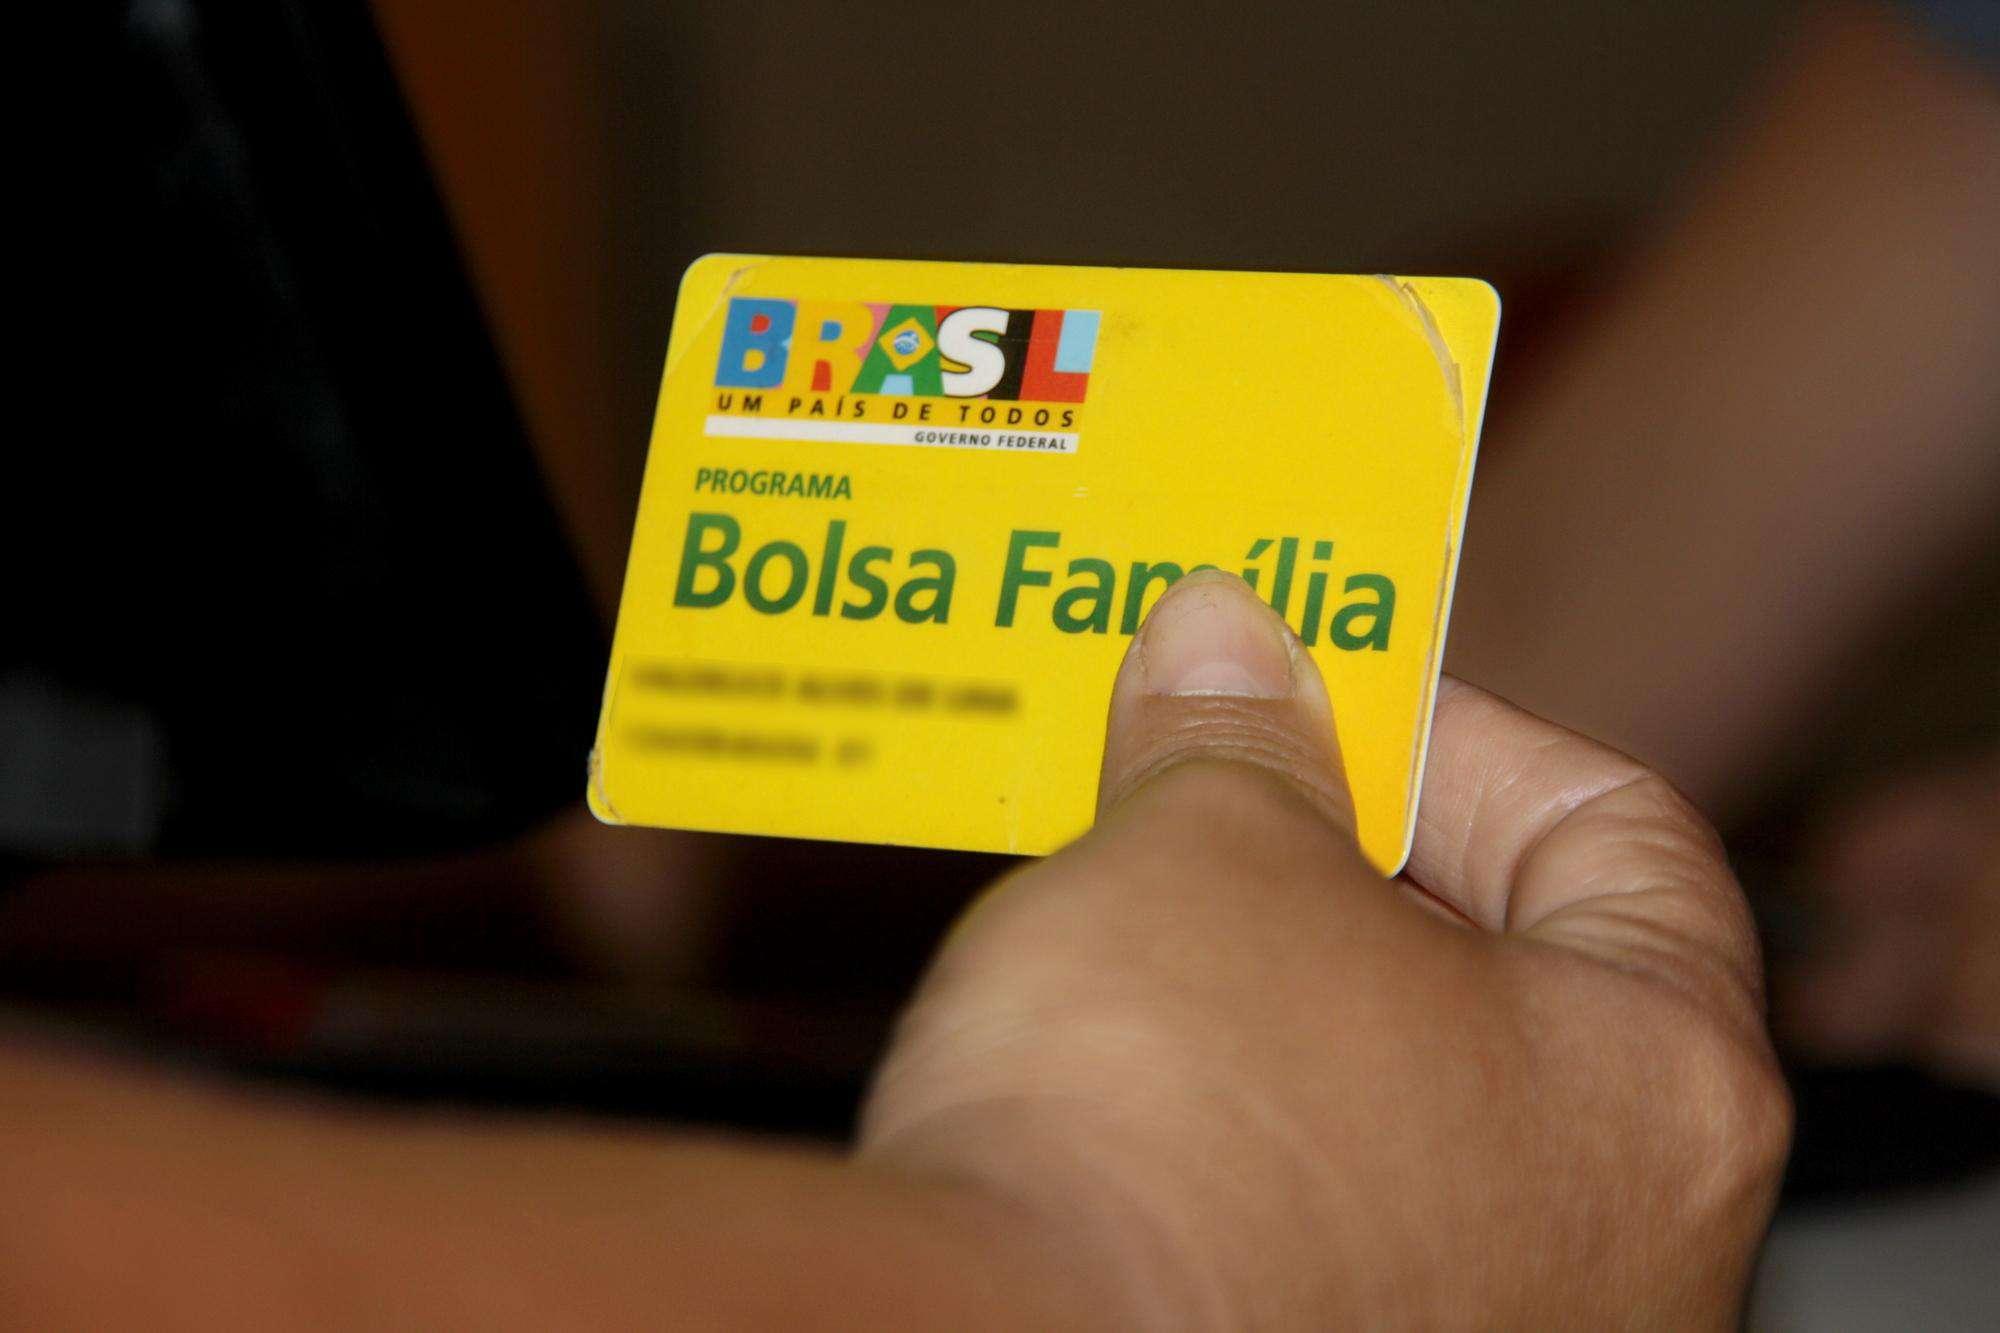 Novo Bolsa Família deve contar com incentivo financeiro extra aos estudantes